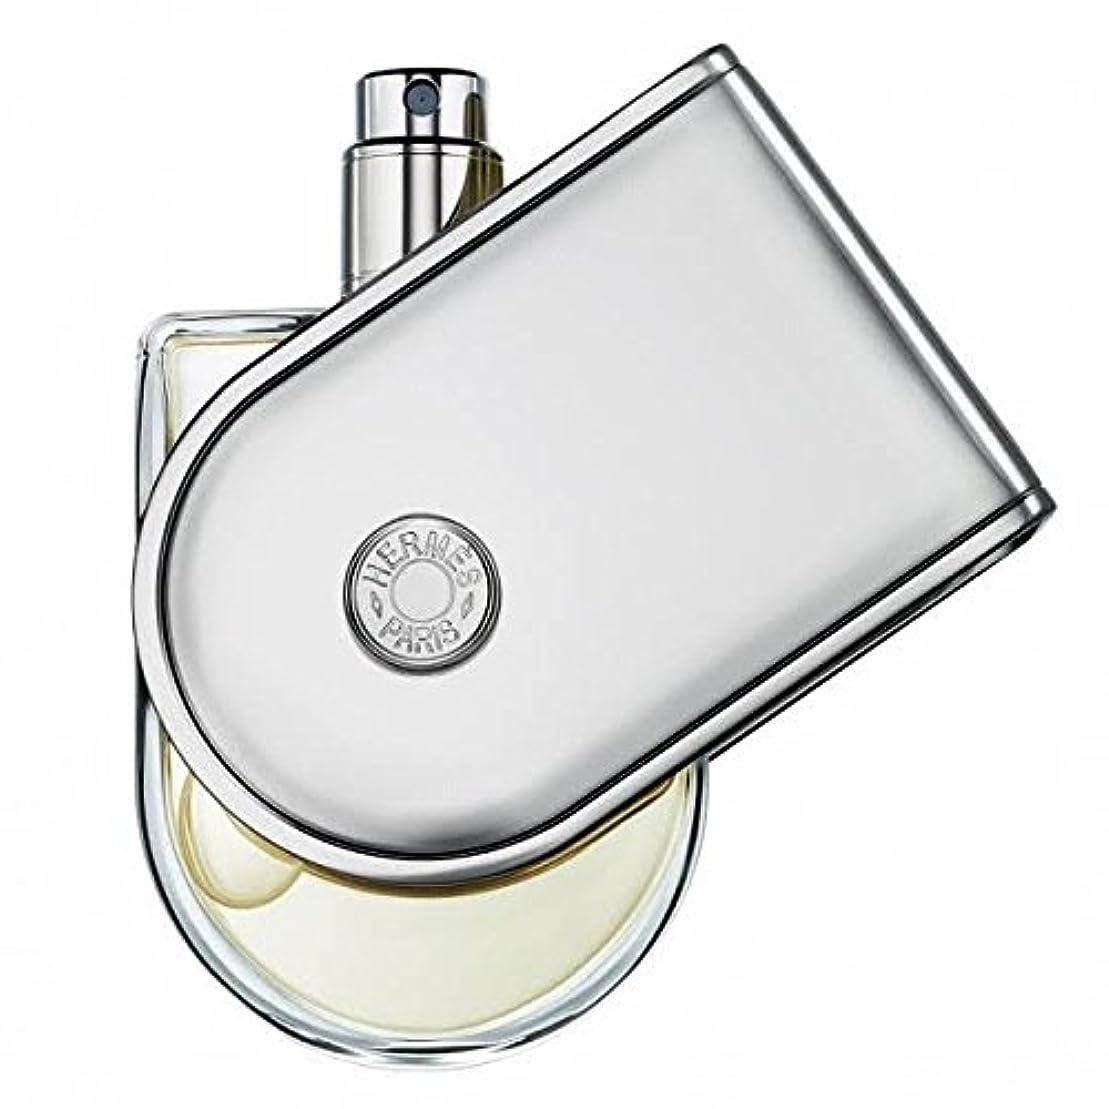 テナント古代地球エルメス ヴォヤージュ ドゥ エルメス オードトワレ EDT ナチュラルスプレー 35mL 香水